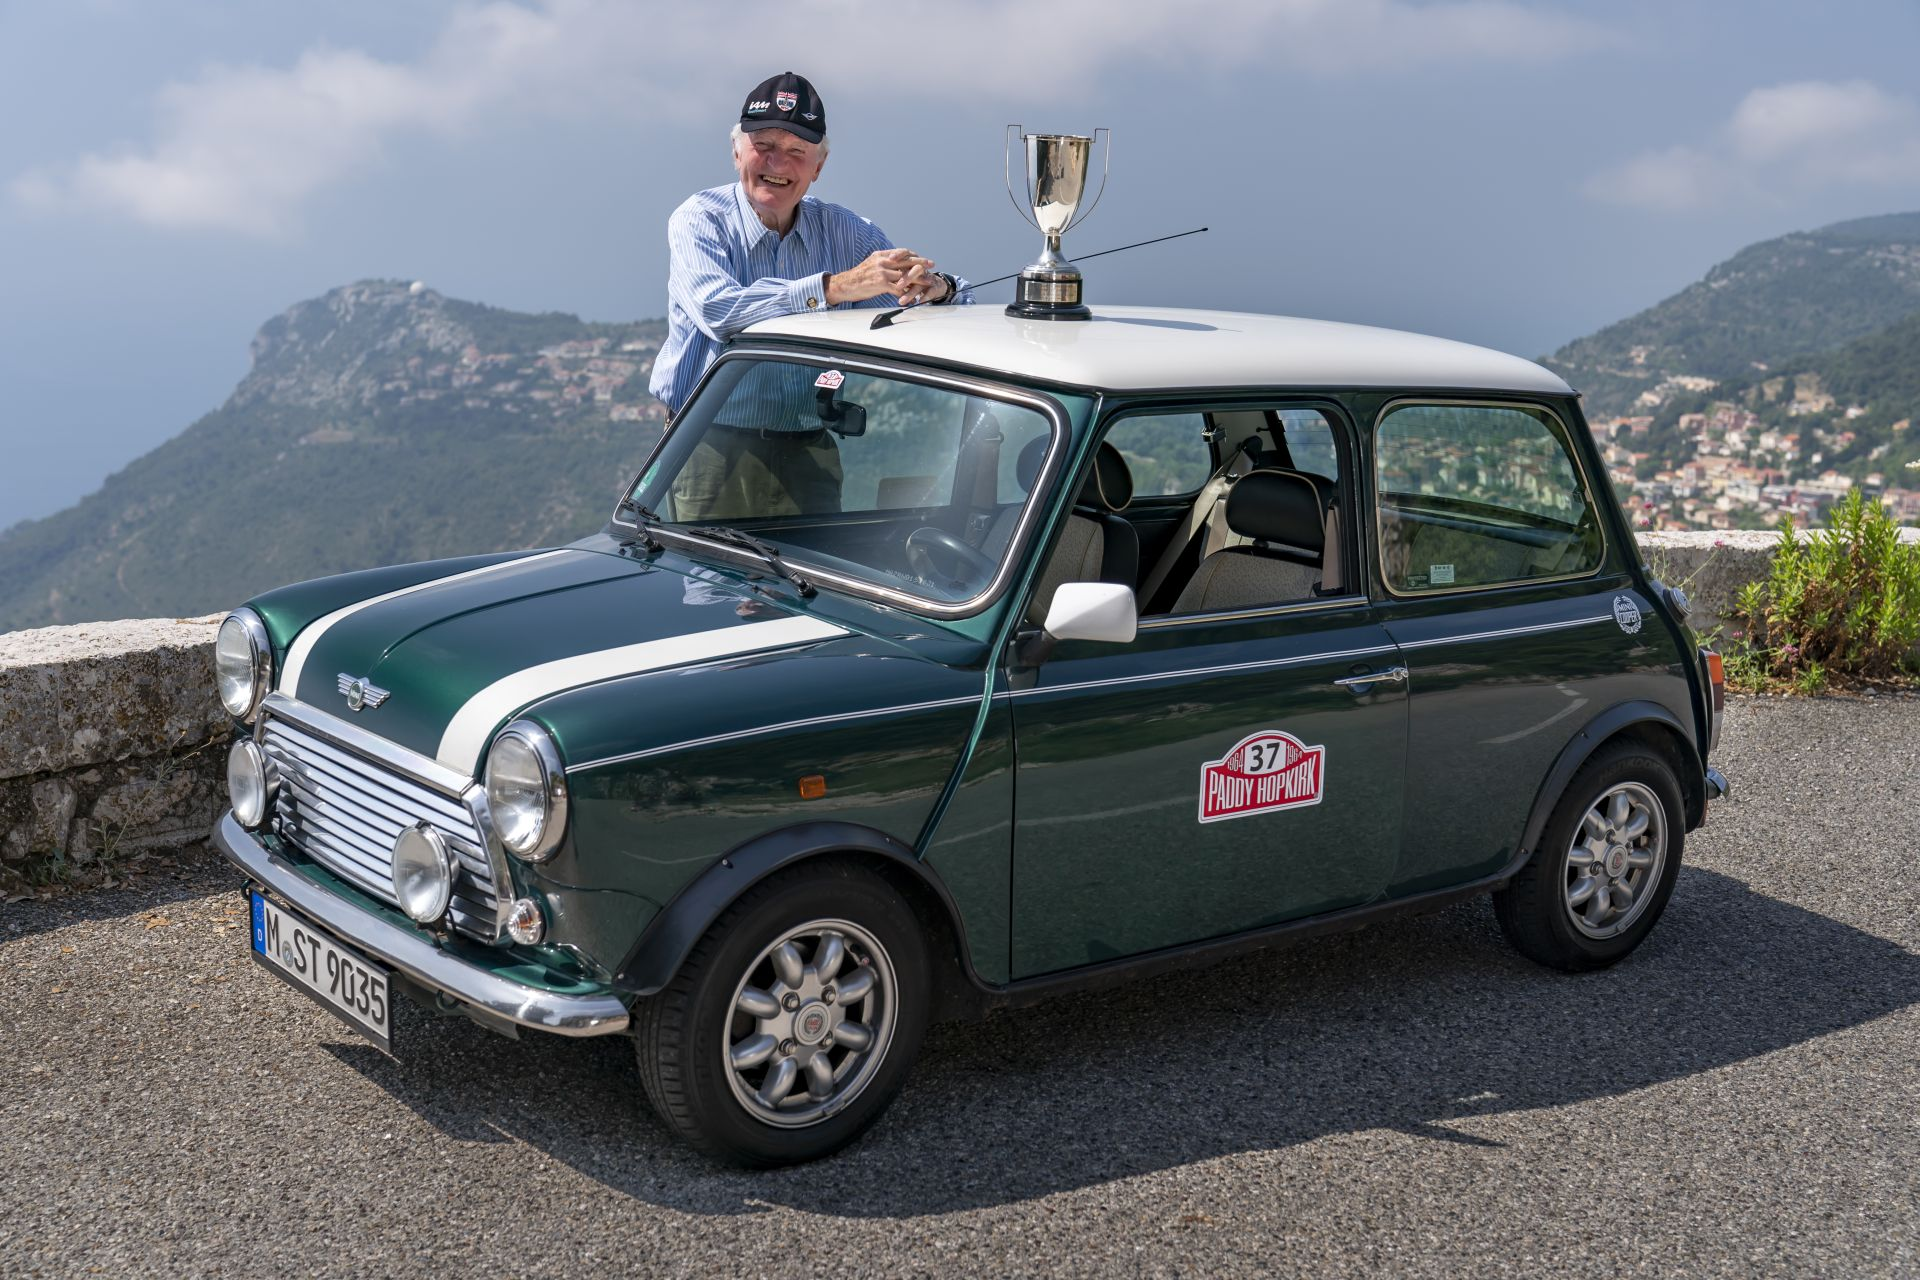 Paddy Hopkirk classic mini 1